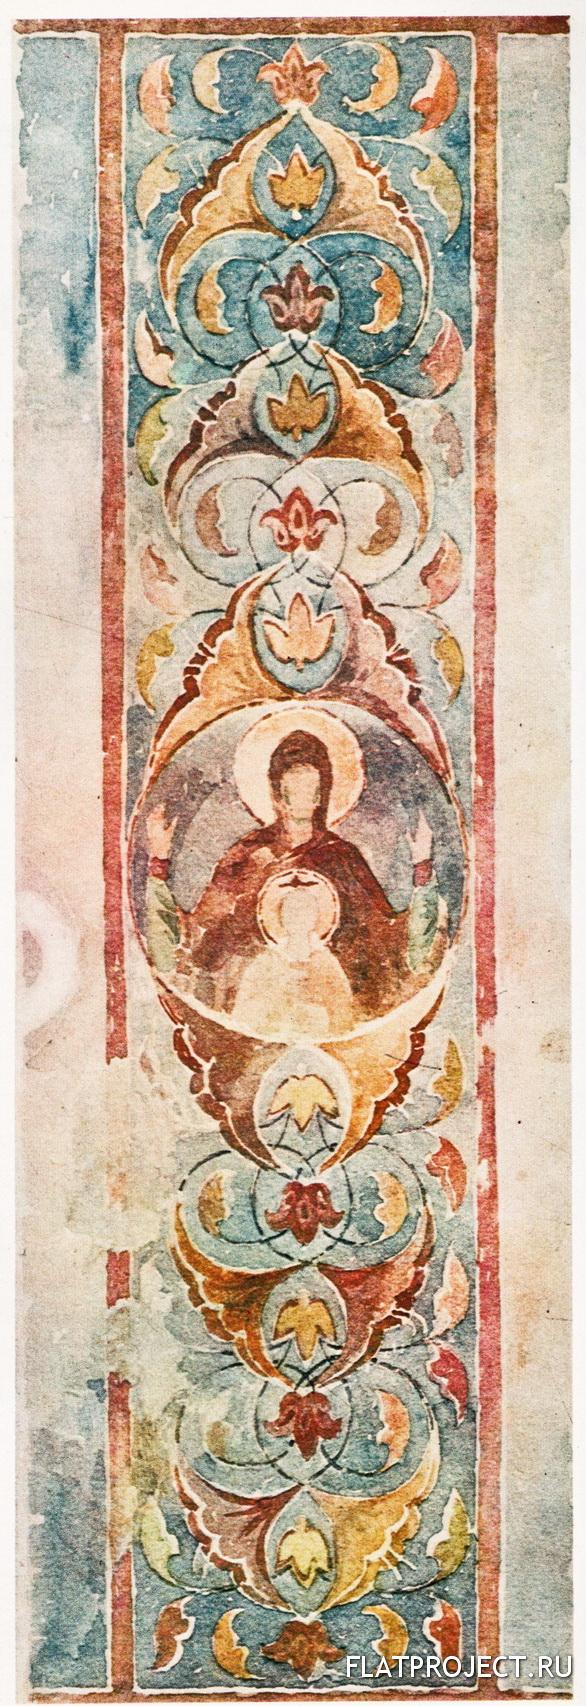 Богоматерь Знамение. Орнамент